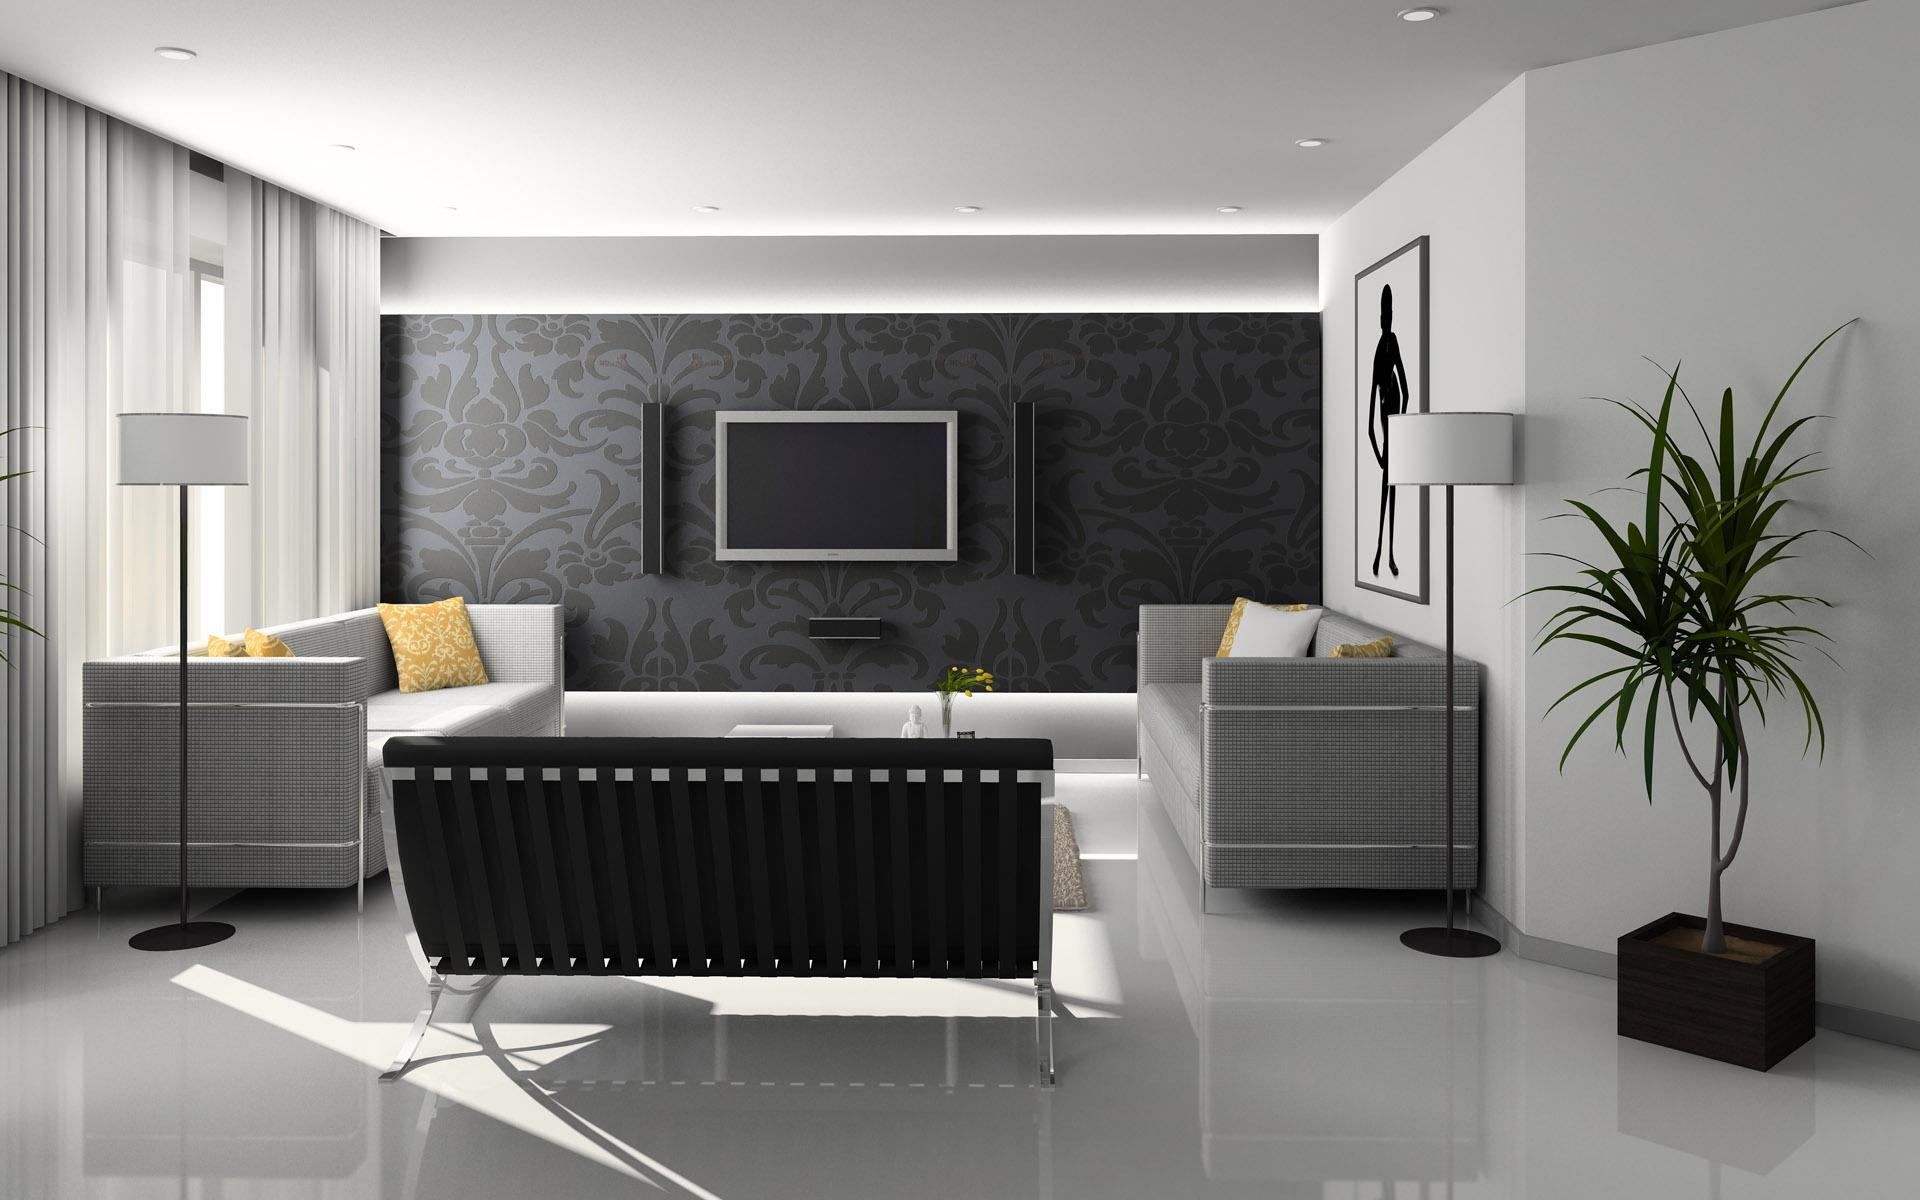 Tregomsa asesoria y construccion decoraci n de for Decoracion de interiores para salas